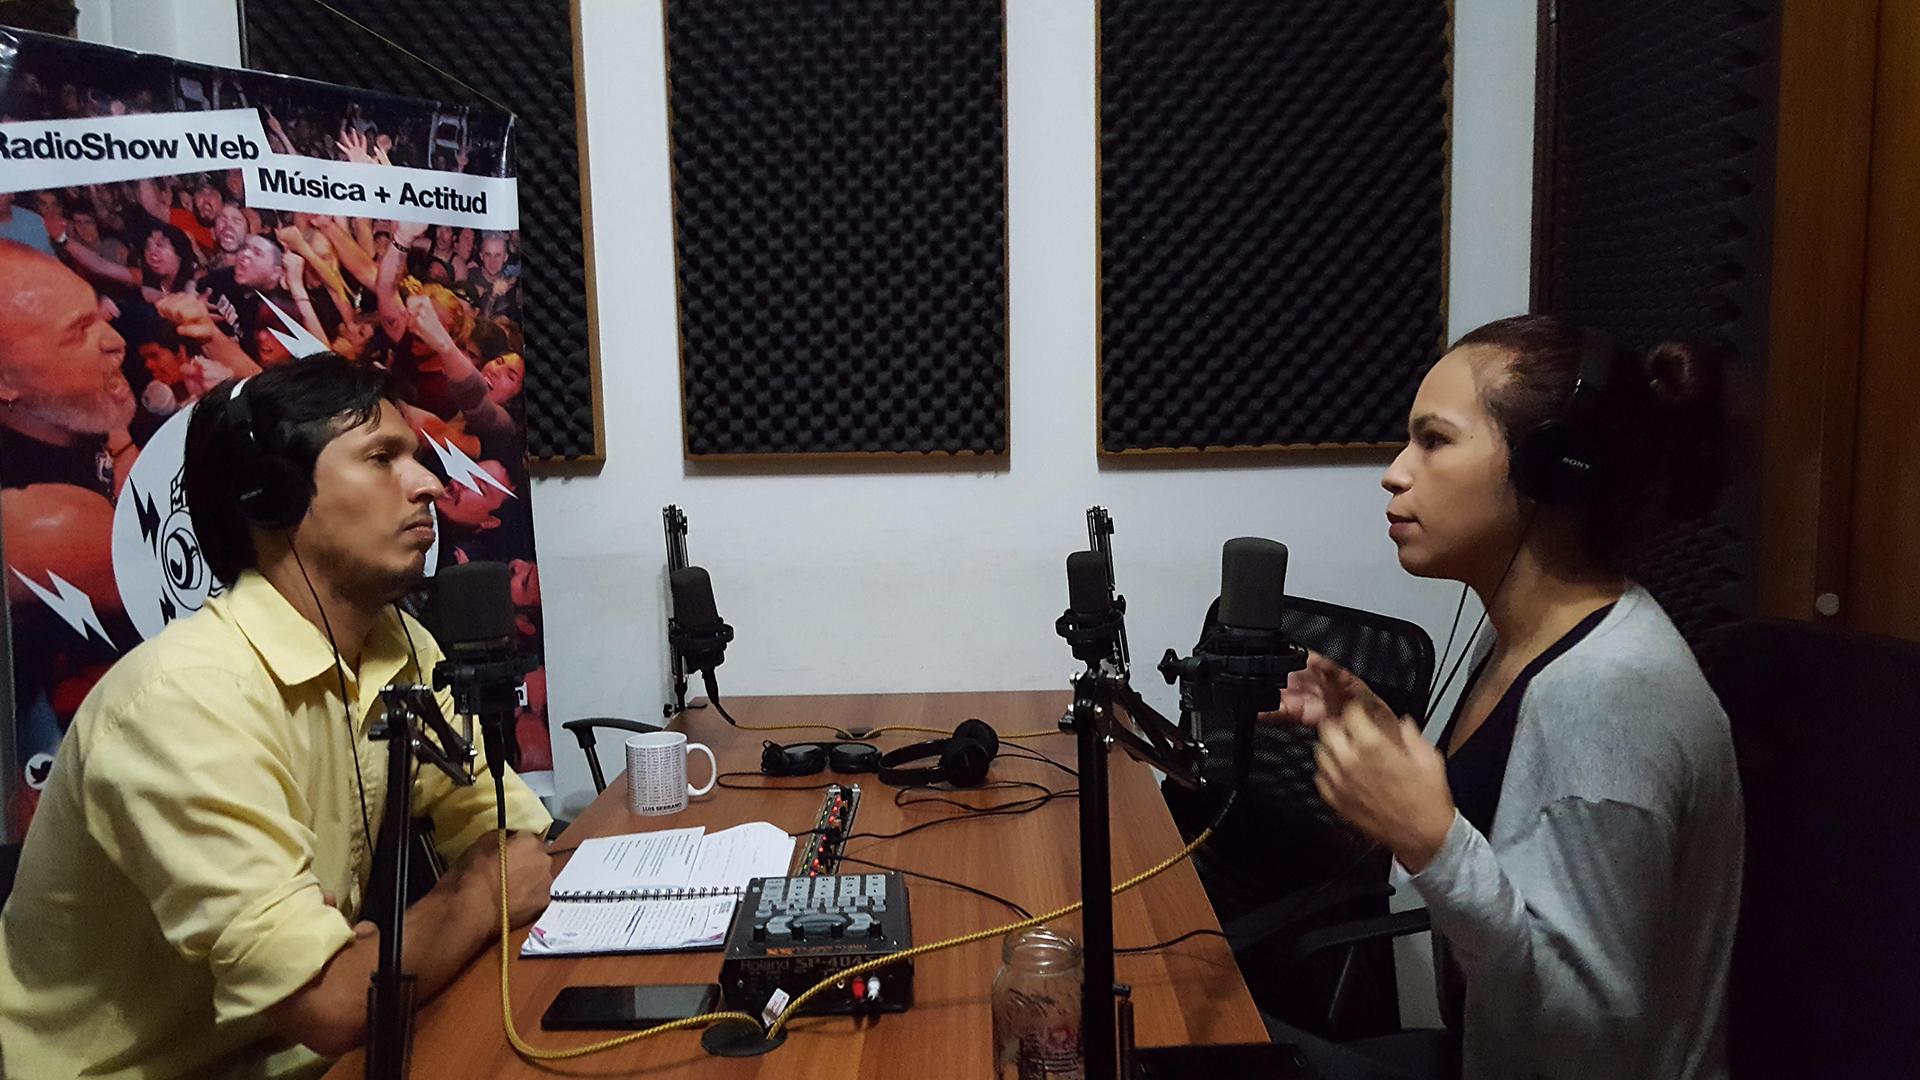 Humano Derecho #147 con Wanda López miembro de Un Juguete, una buena noticia